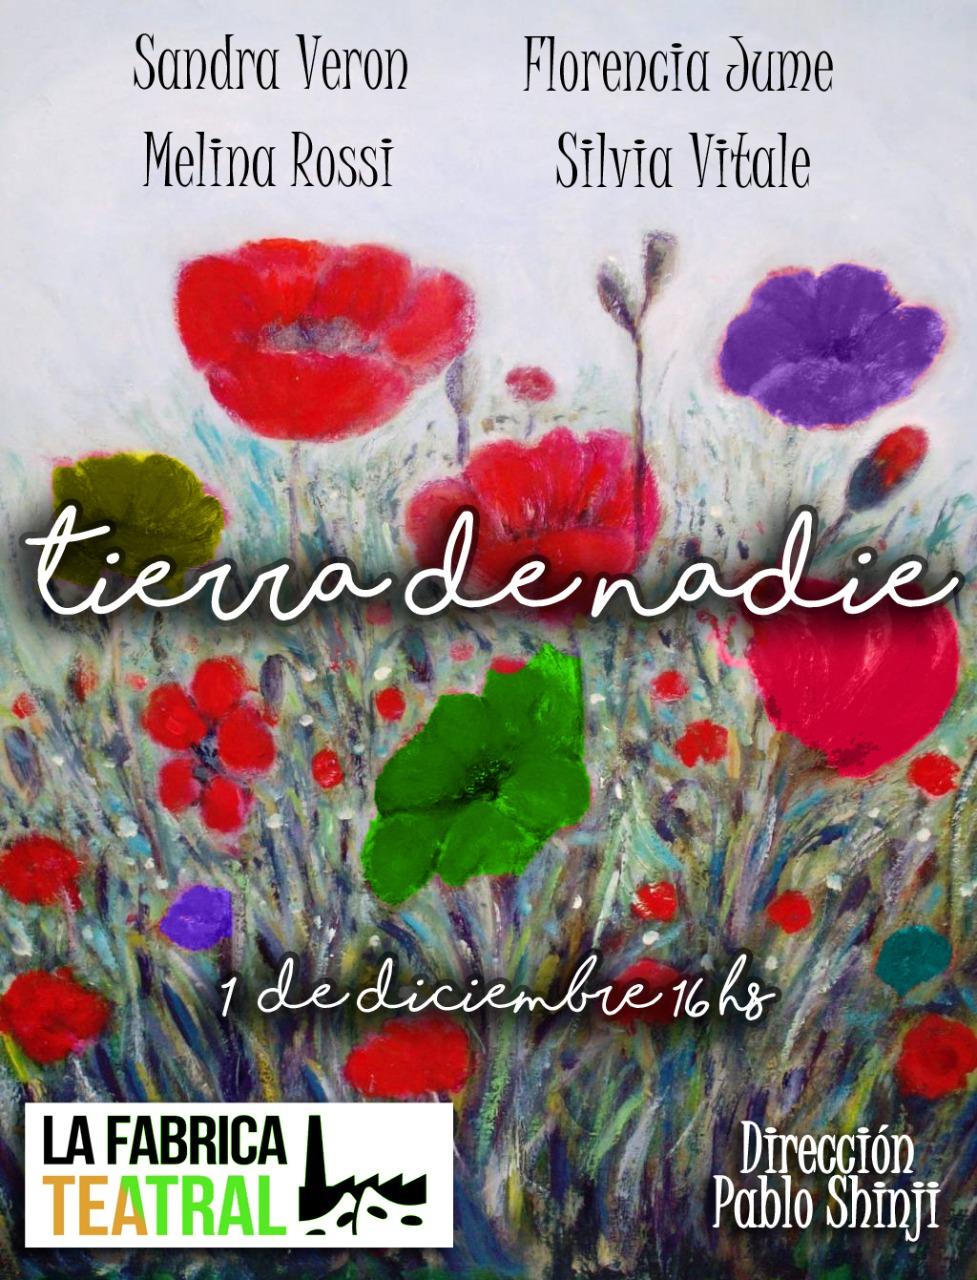 Muestra Clínica Teatral 2019